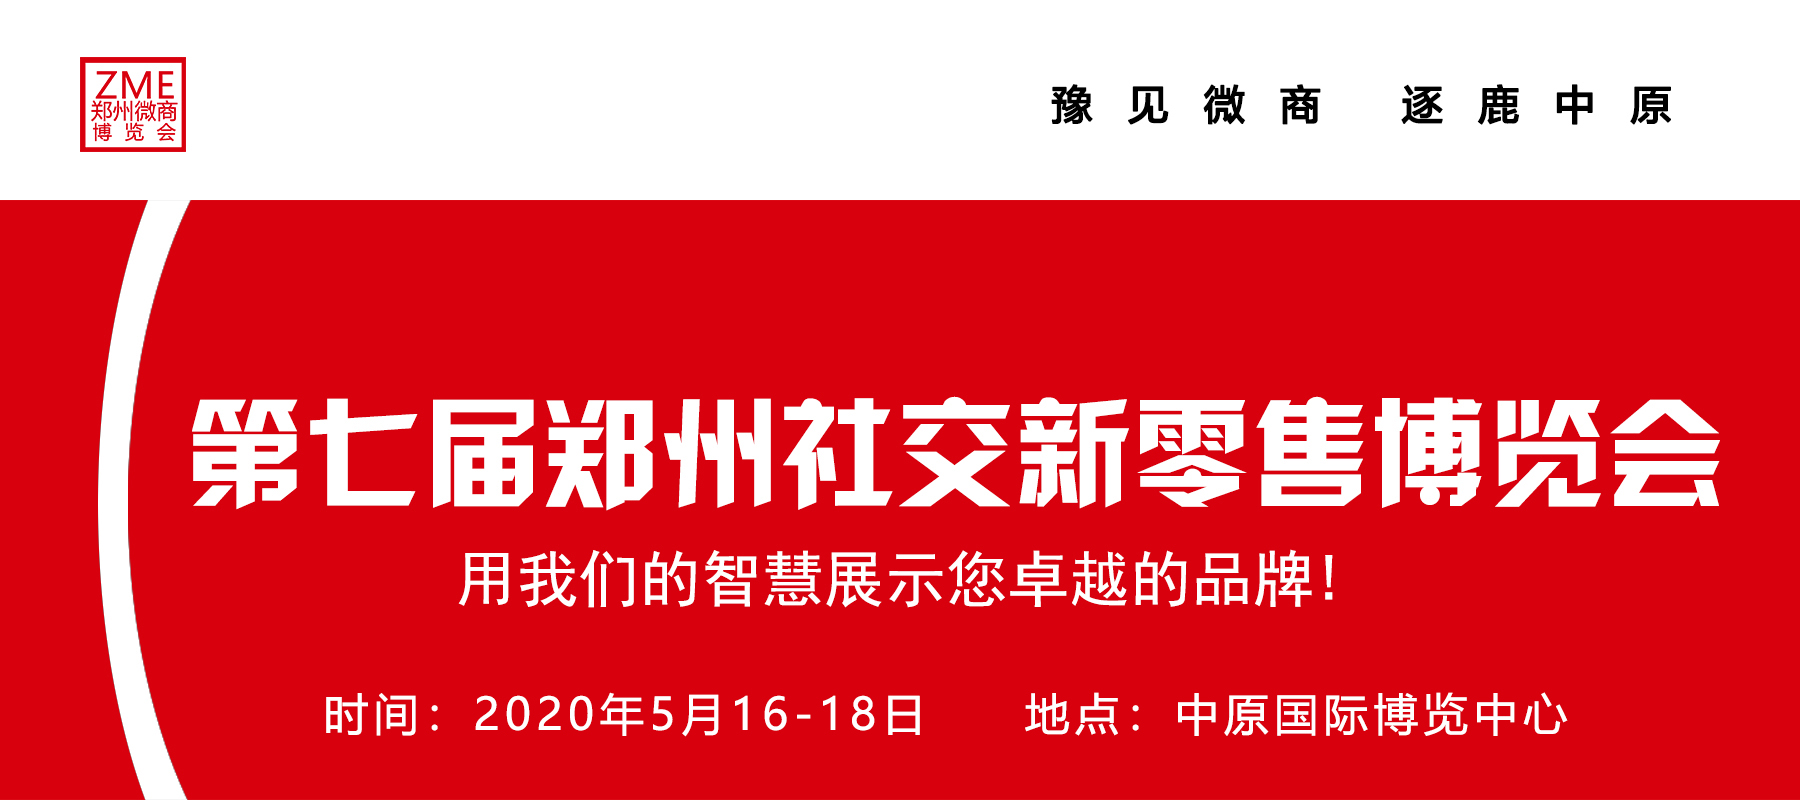 第七屆鄭州社交新零售博覽會